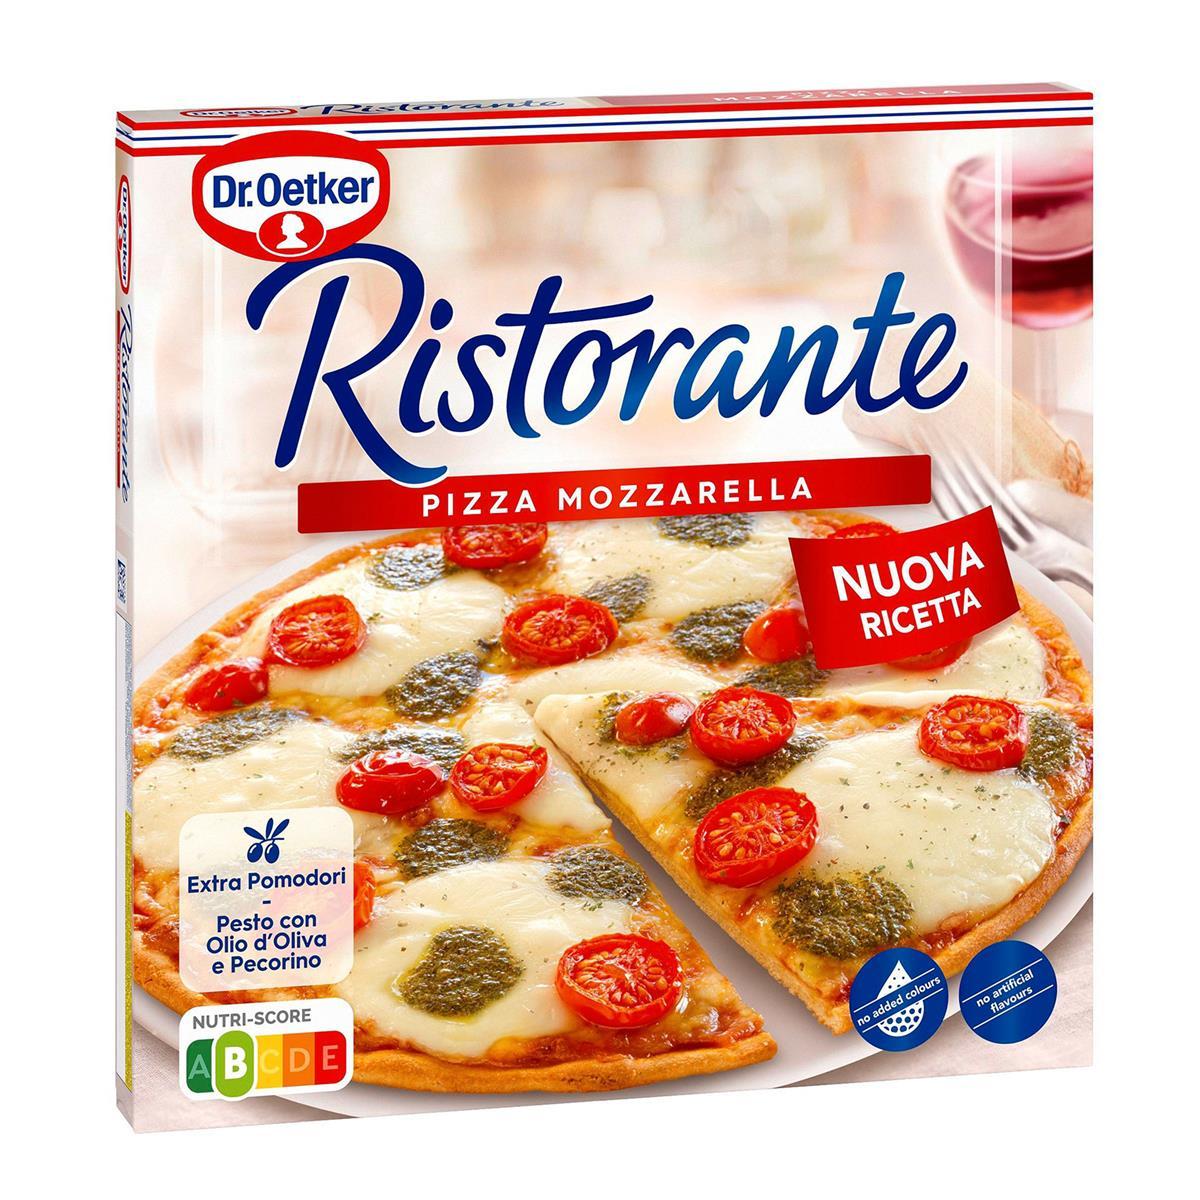 Mozzarella Ristorante von Dr. Oetker